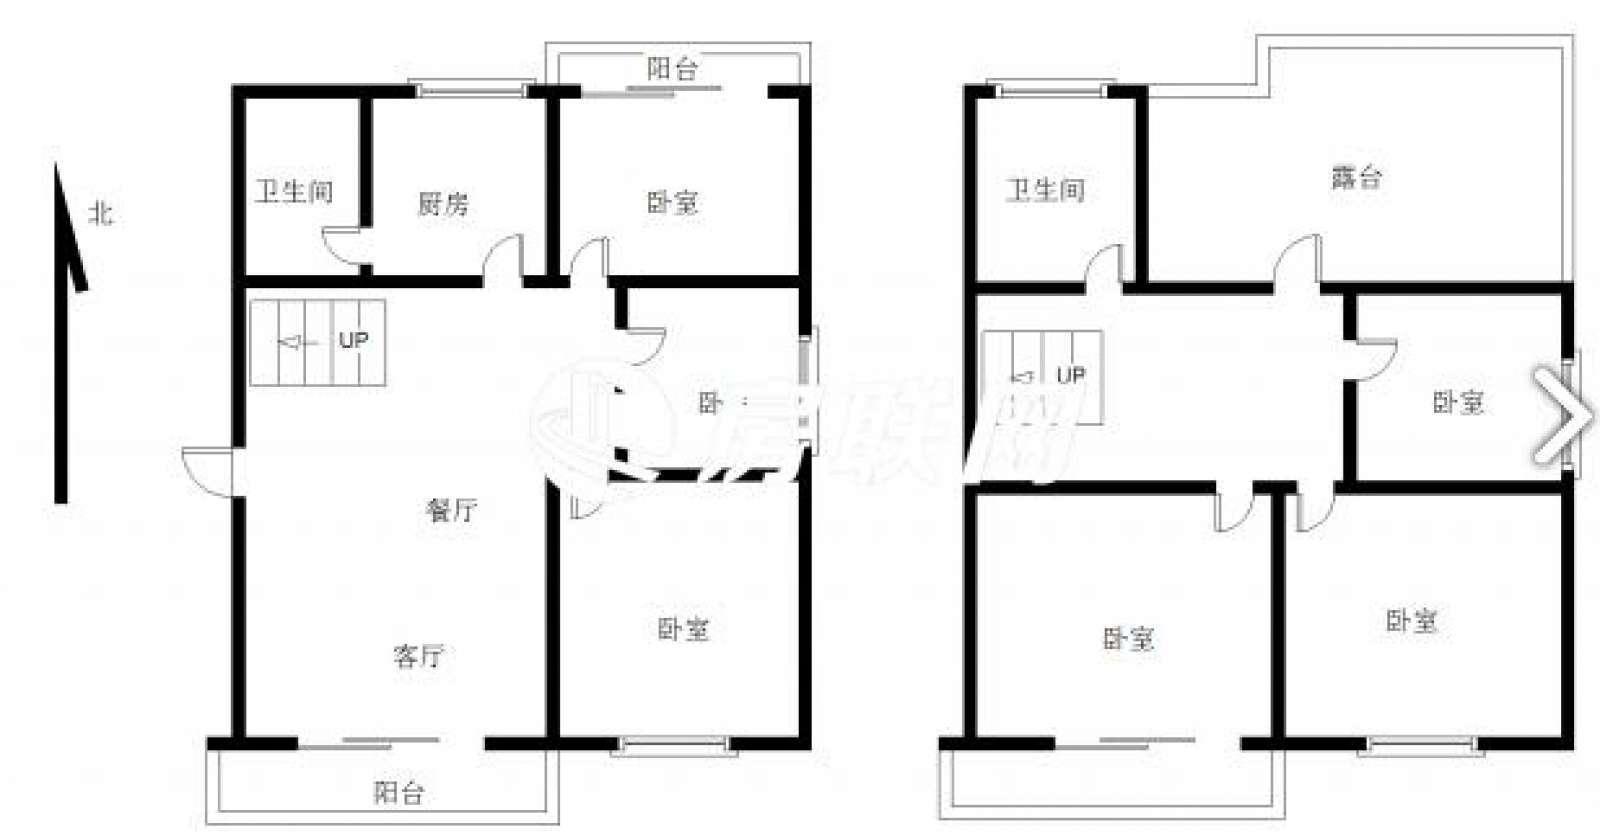 慧龙新城 6室2厅170㎡